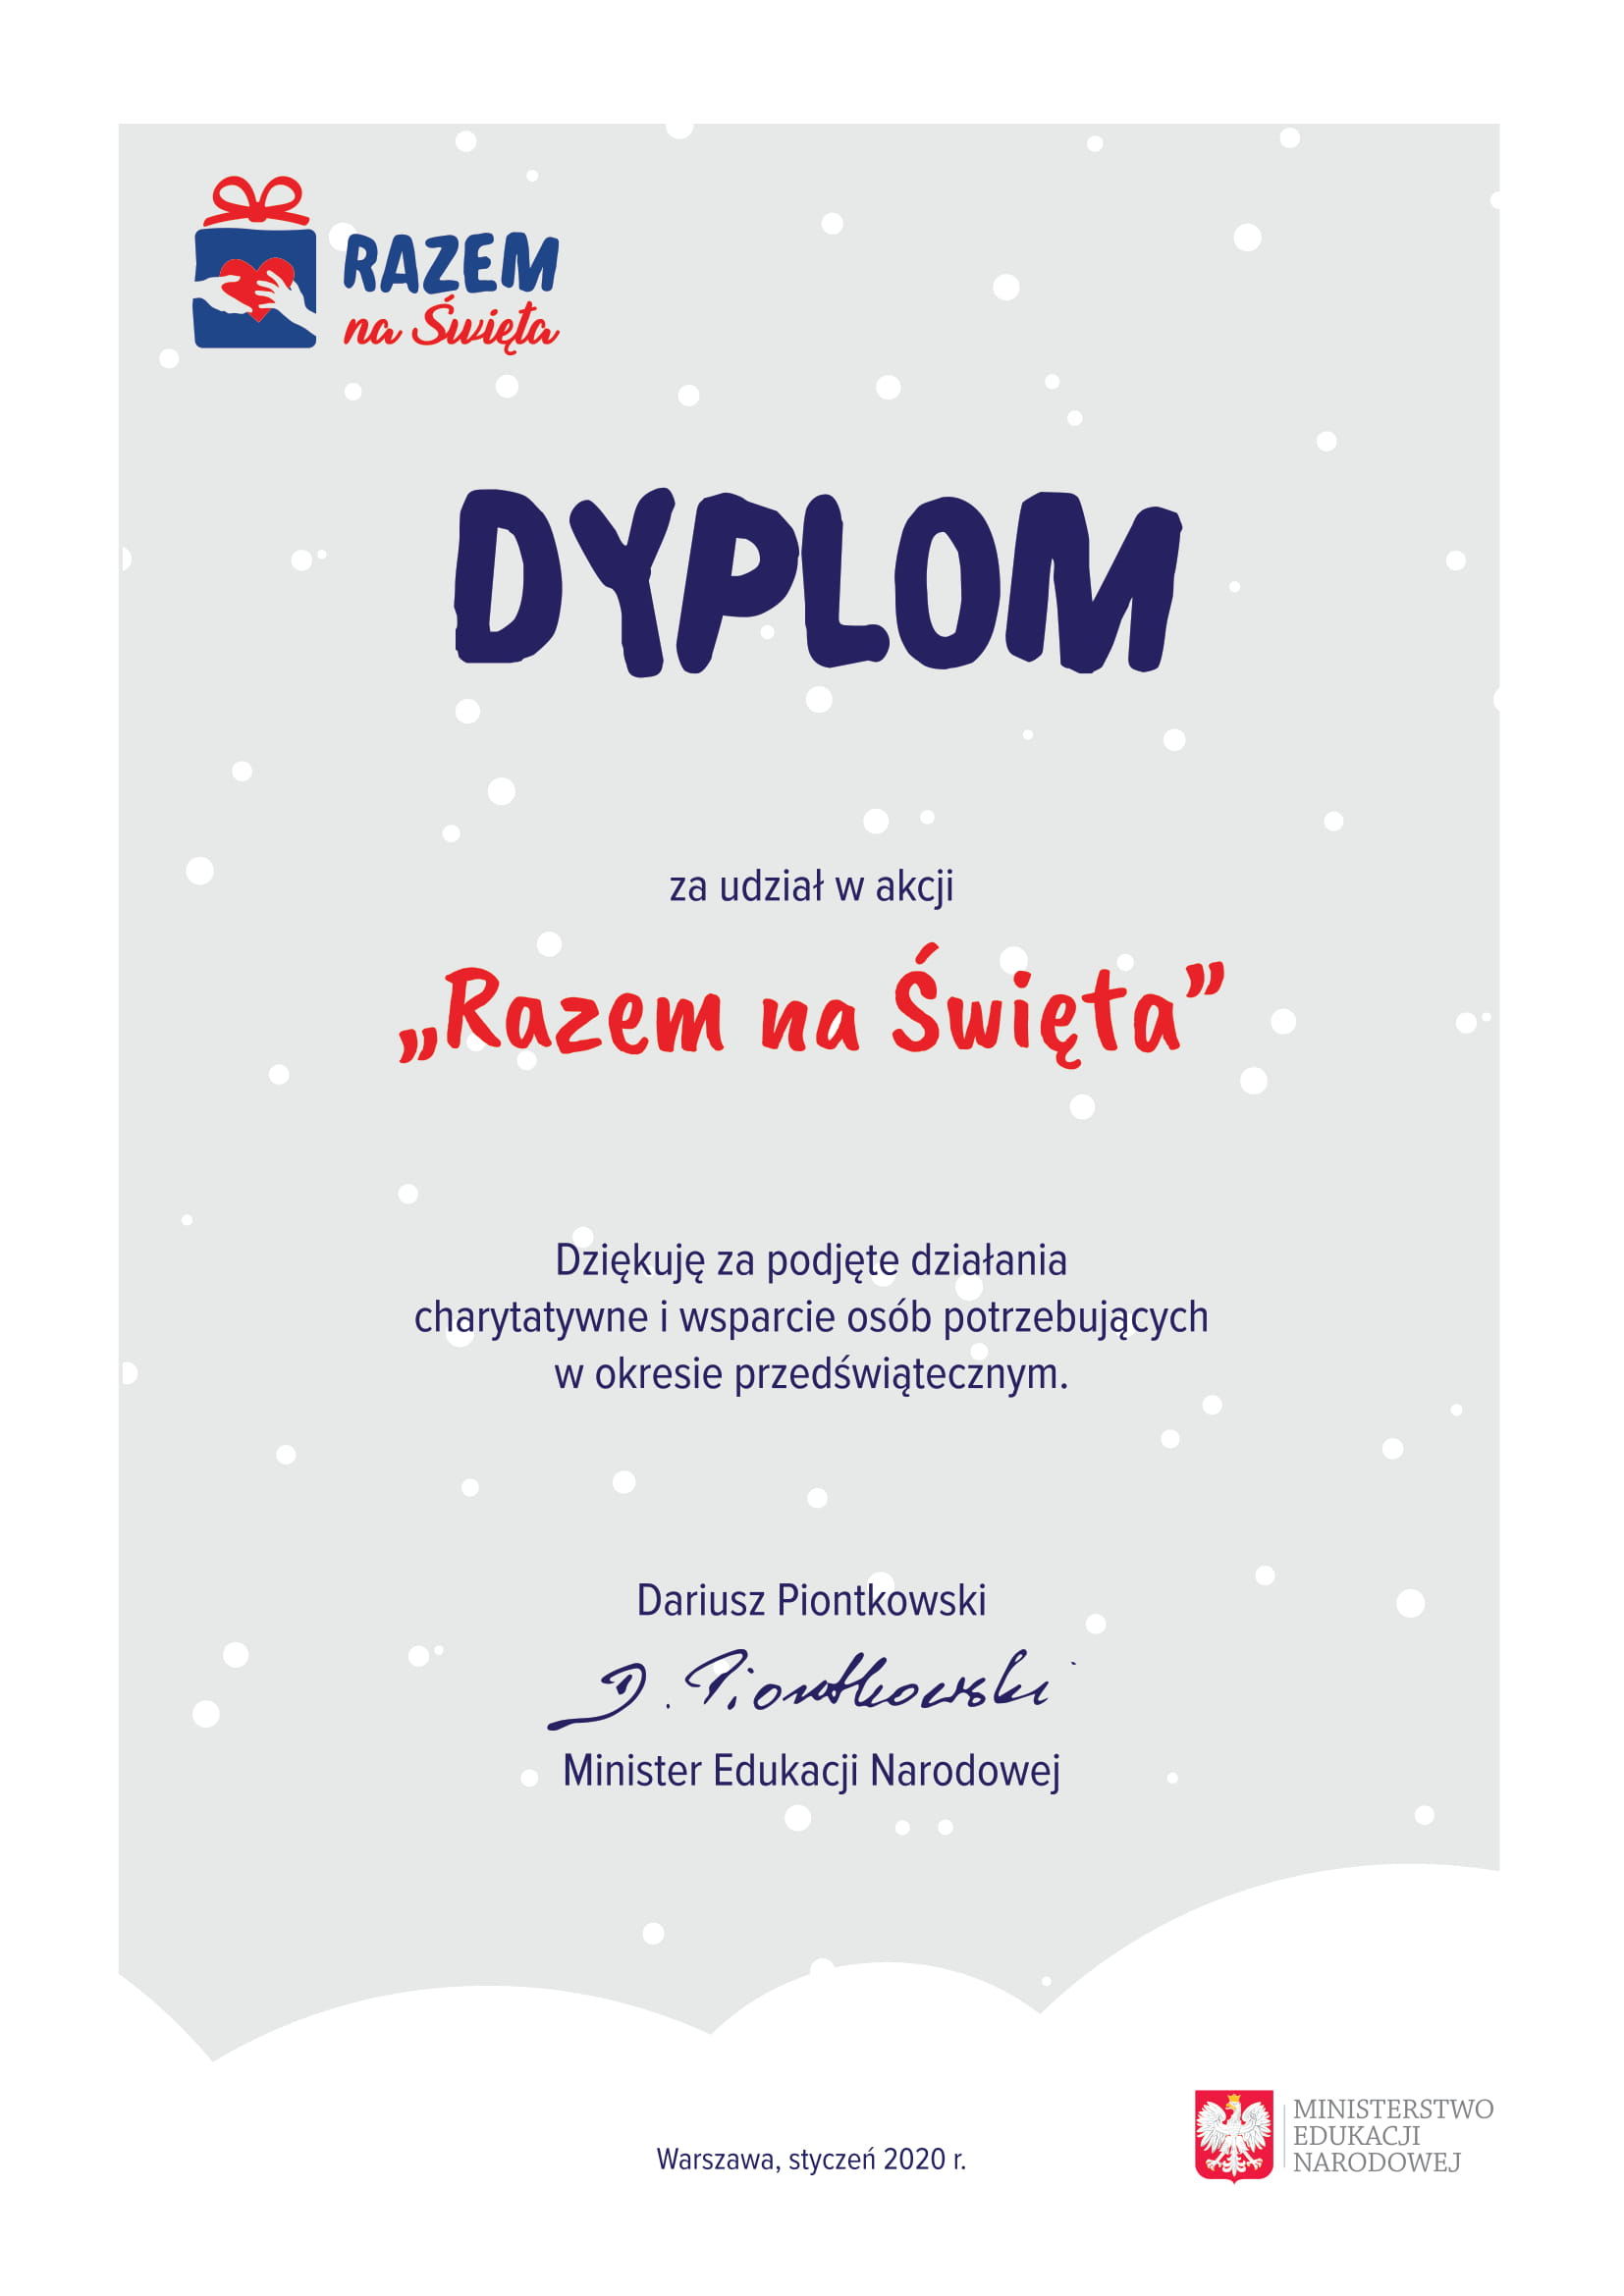 Dyplom_-_Razem_na_Swieta-1